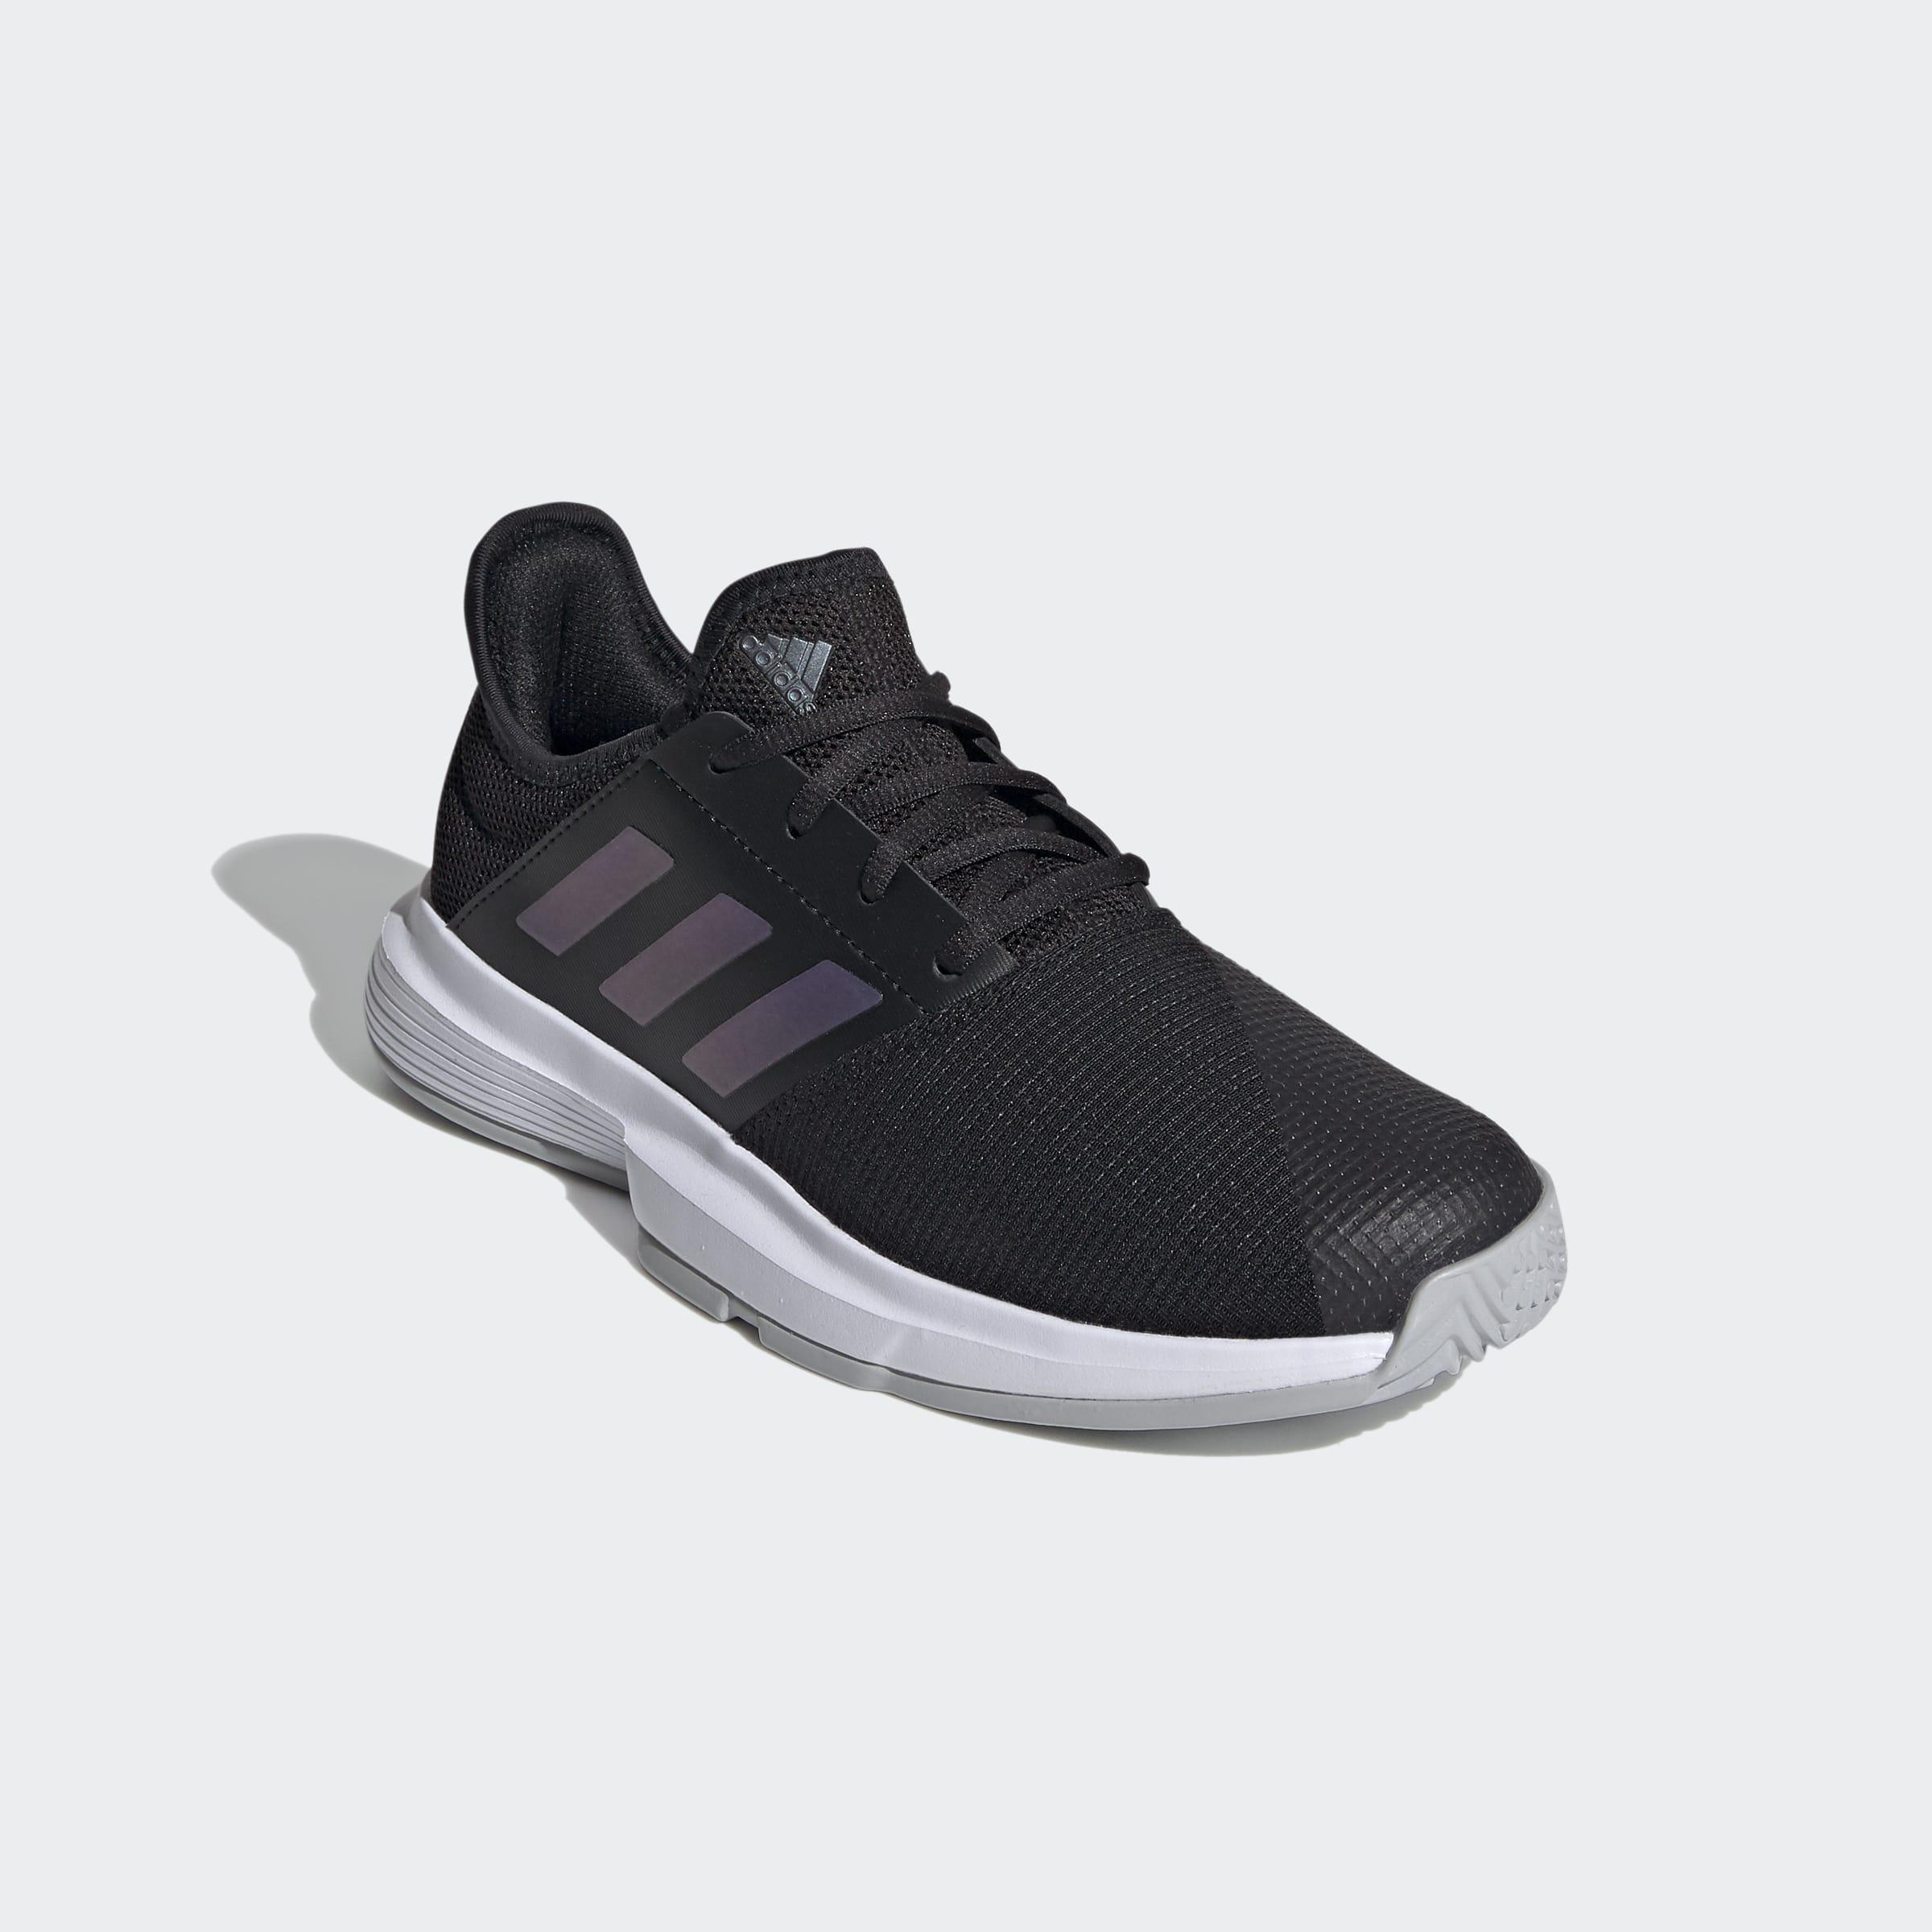 adidas Performance Tennisschuh GAMECOURT TENNISSCHUH schwarz Tennis Schuhe Sportarten Unisex